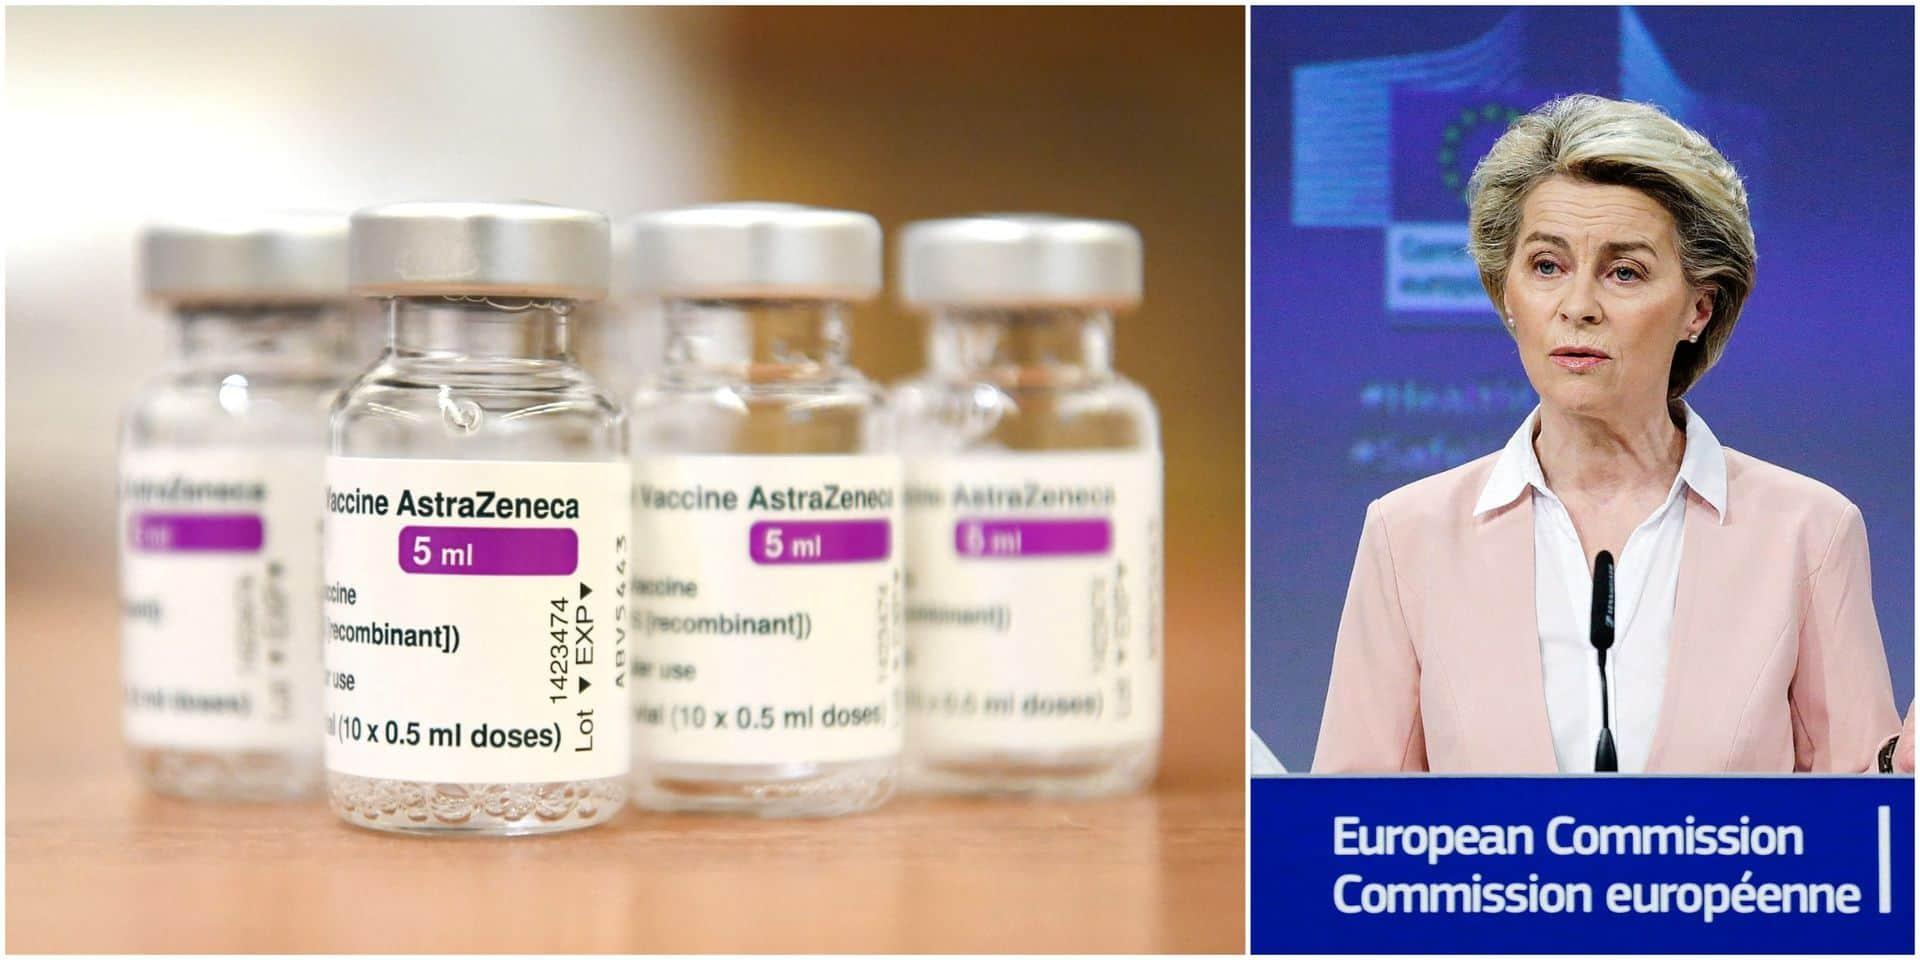 Les pays européens ont-ils été piégés par les contrats avec les fabricants de vaccins?